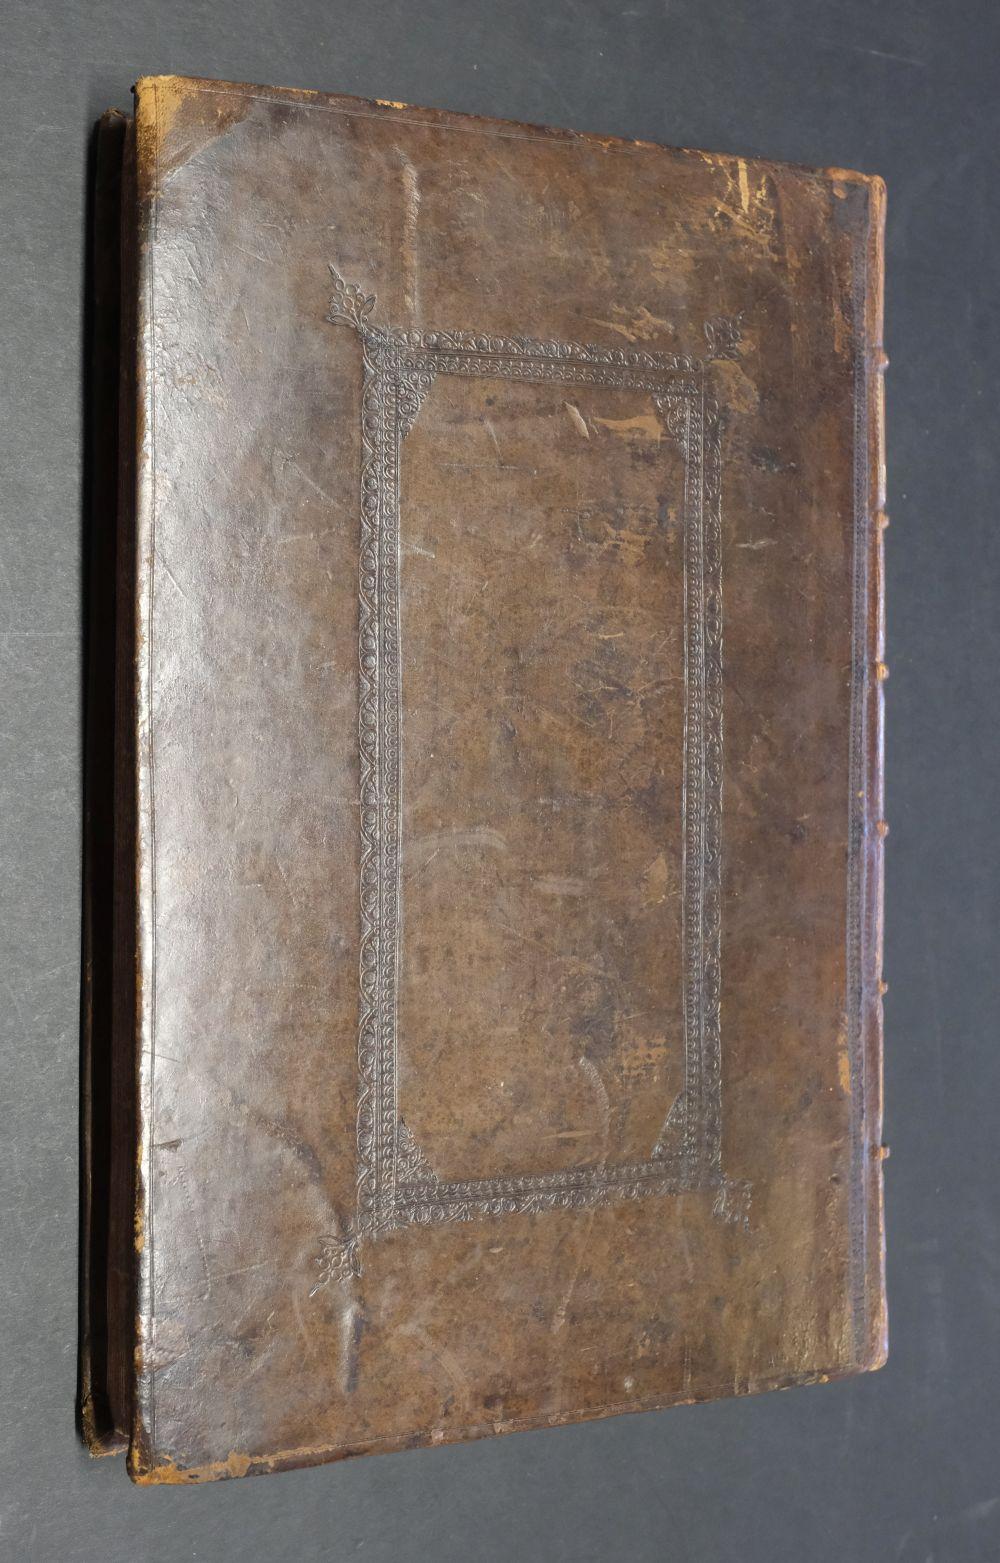 Beger (Lorenzo). Thesaurus ex Thesauro Palatino Selectus, 1685 - Image 4 of 9